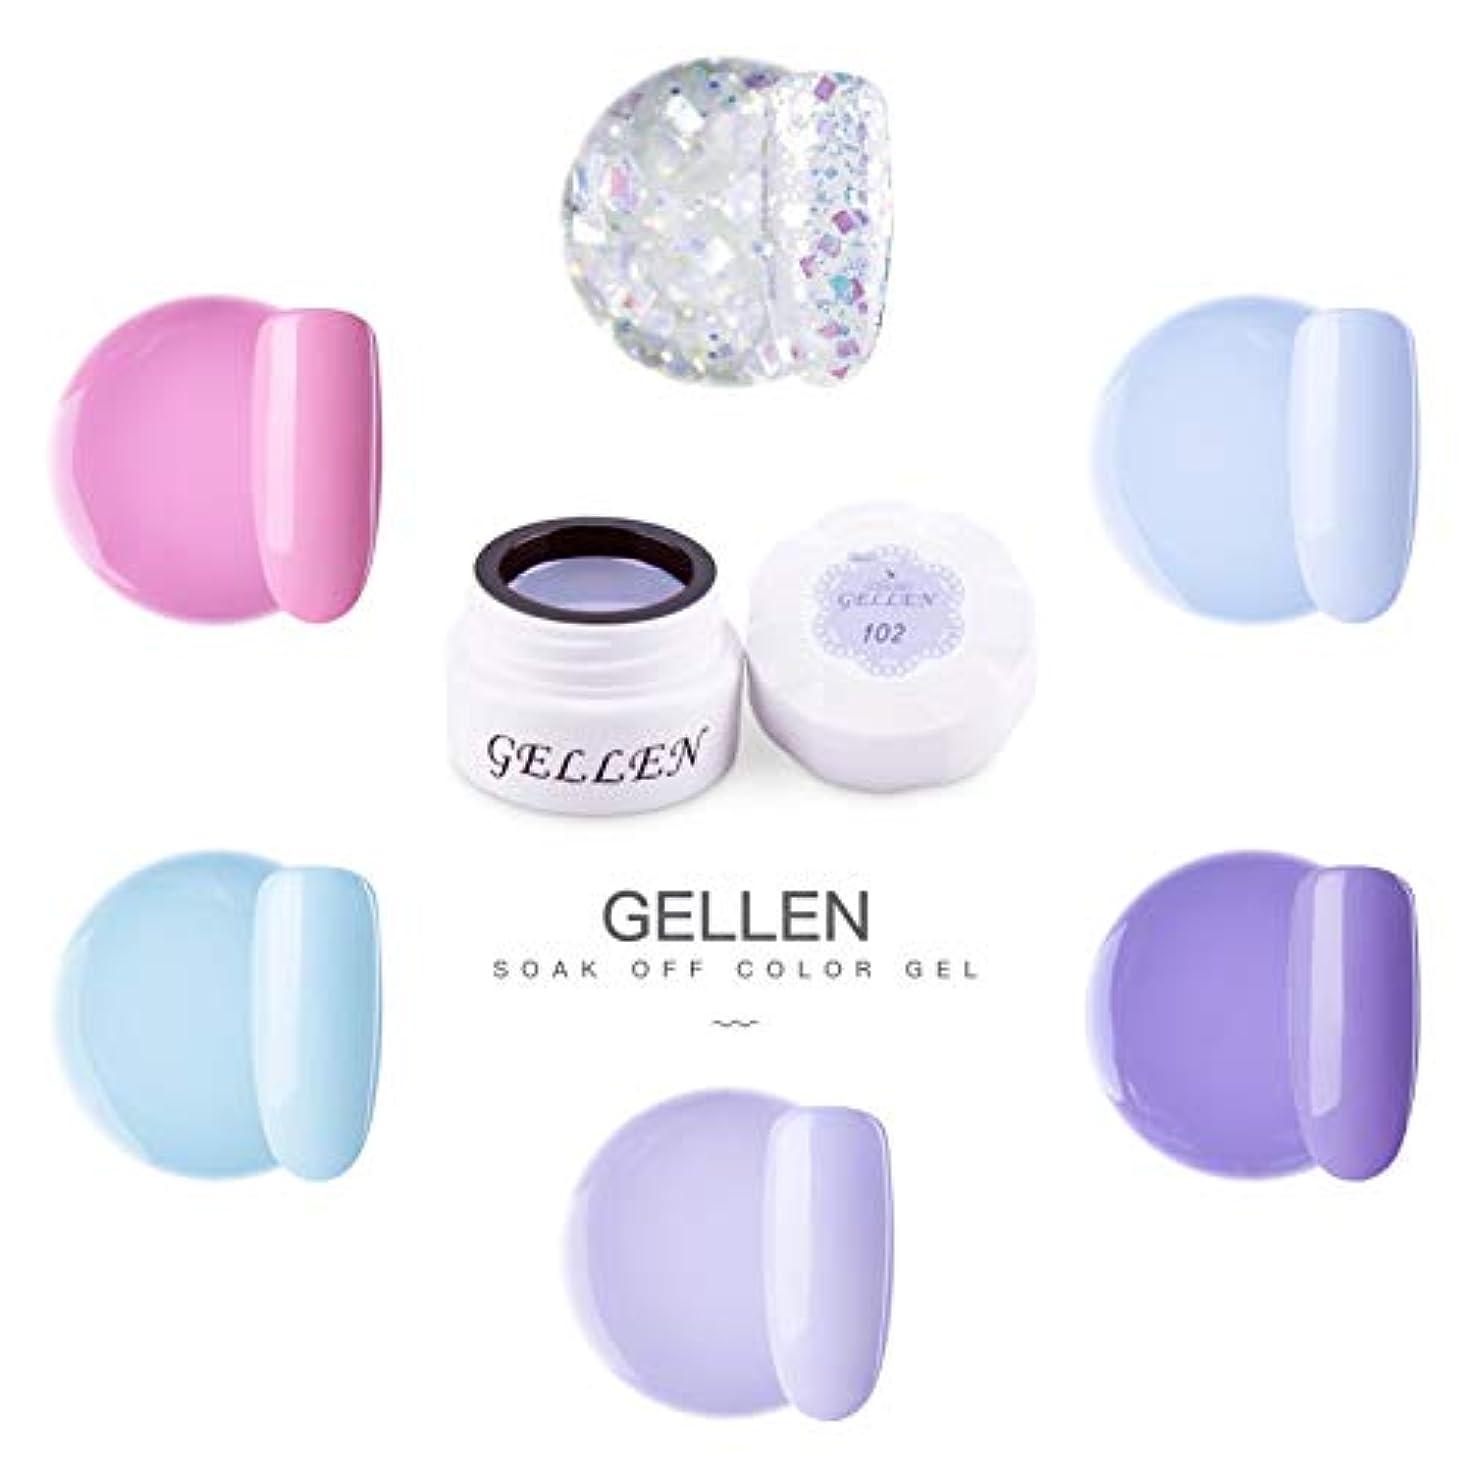 カテナカフェ花婿Gellen カラージェル 6色 セット[ライトパープル系]高品質 5g ジェルネイル カラー ネイルブラシ付き